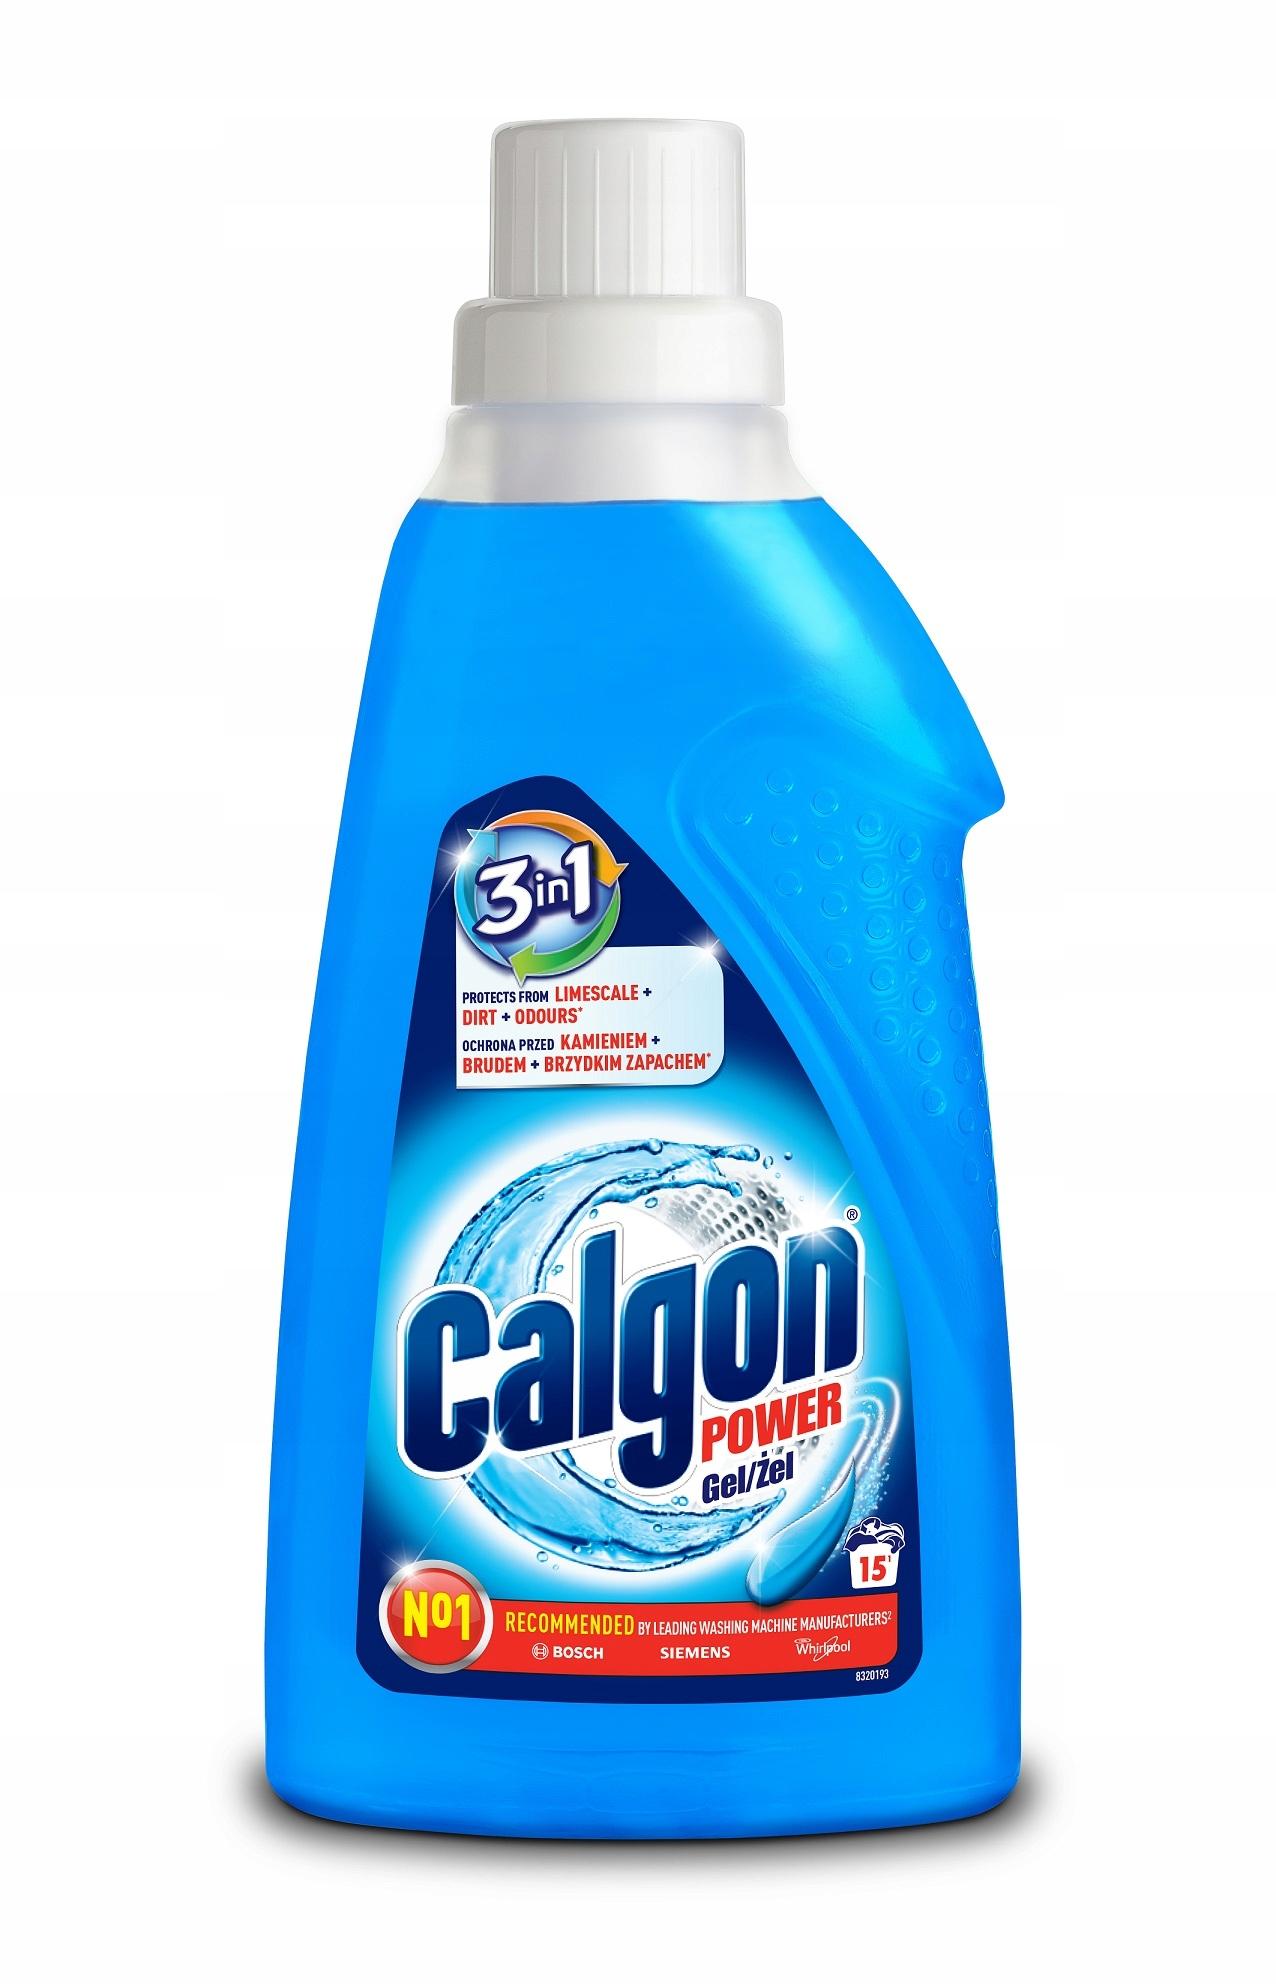 Calgon 2в1 Средство для удаления накипи Стиральной машины 750 мл